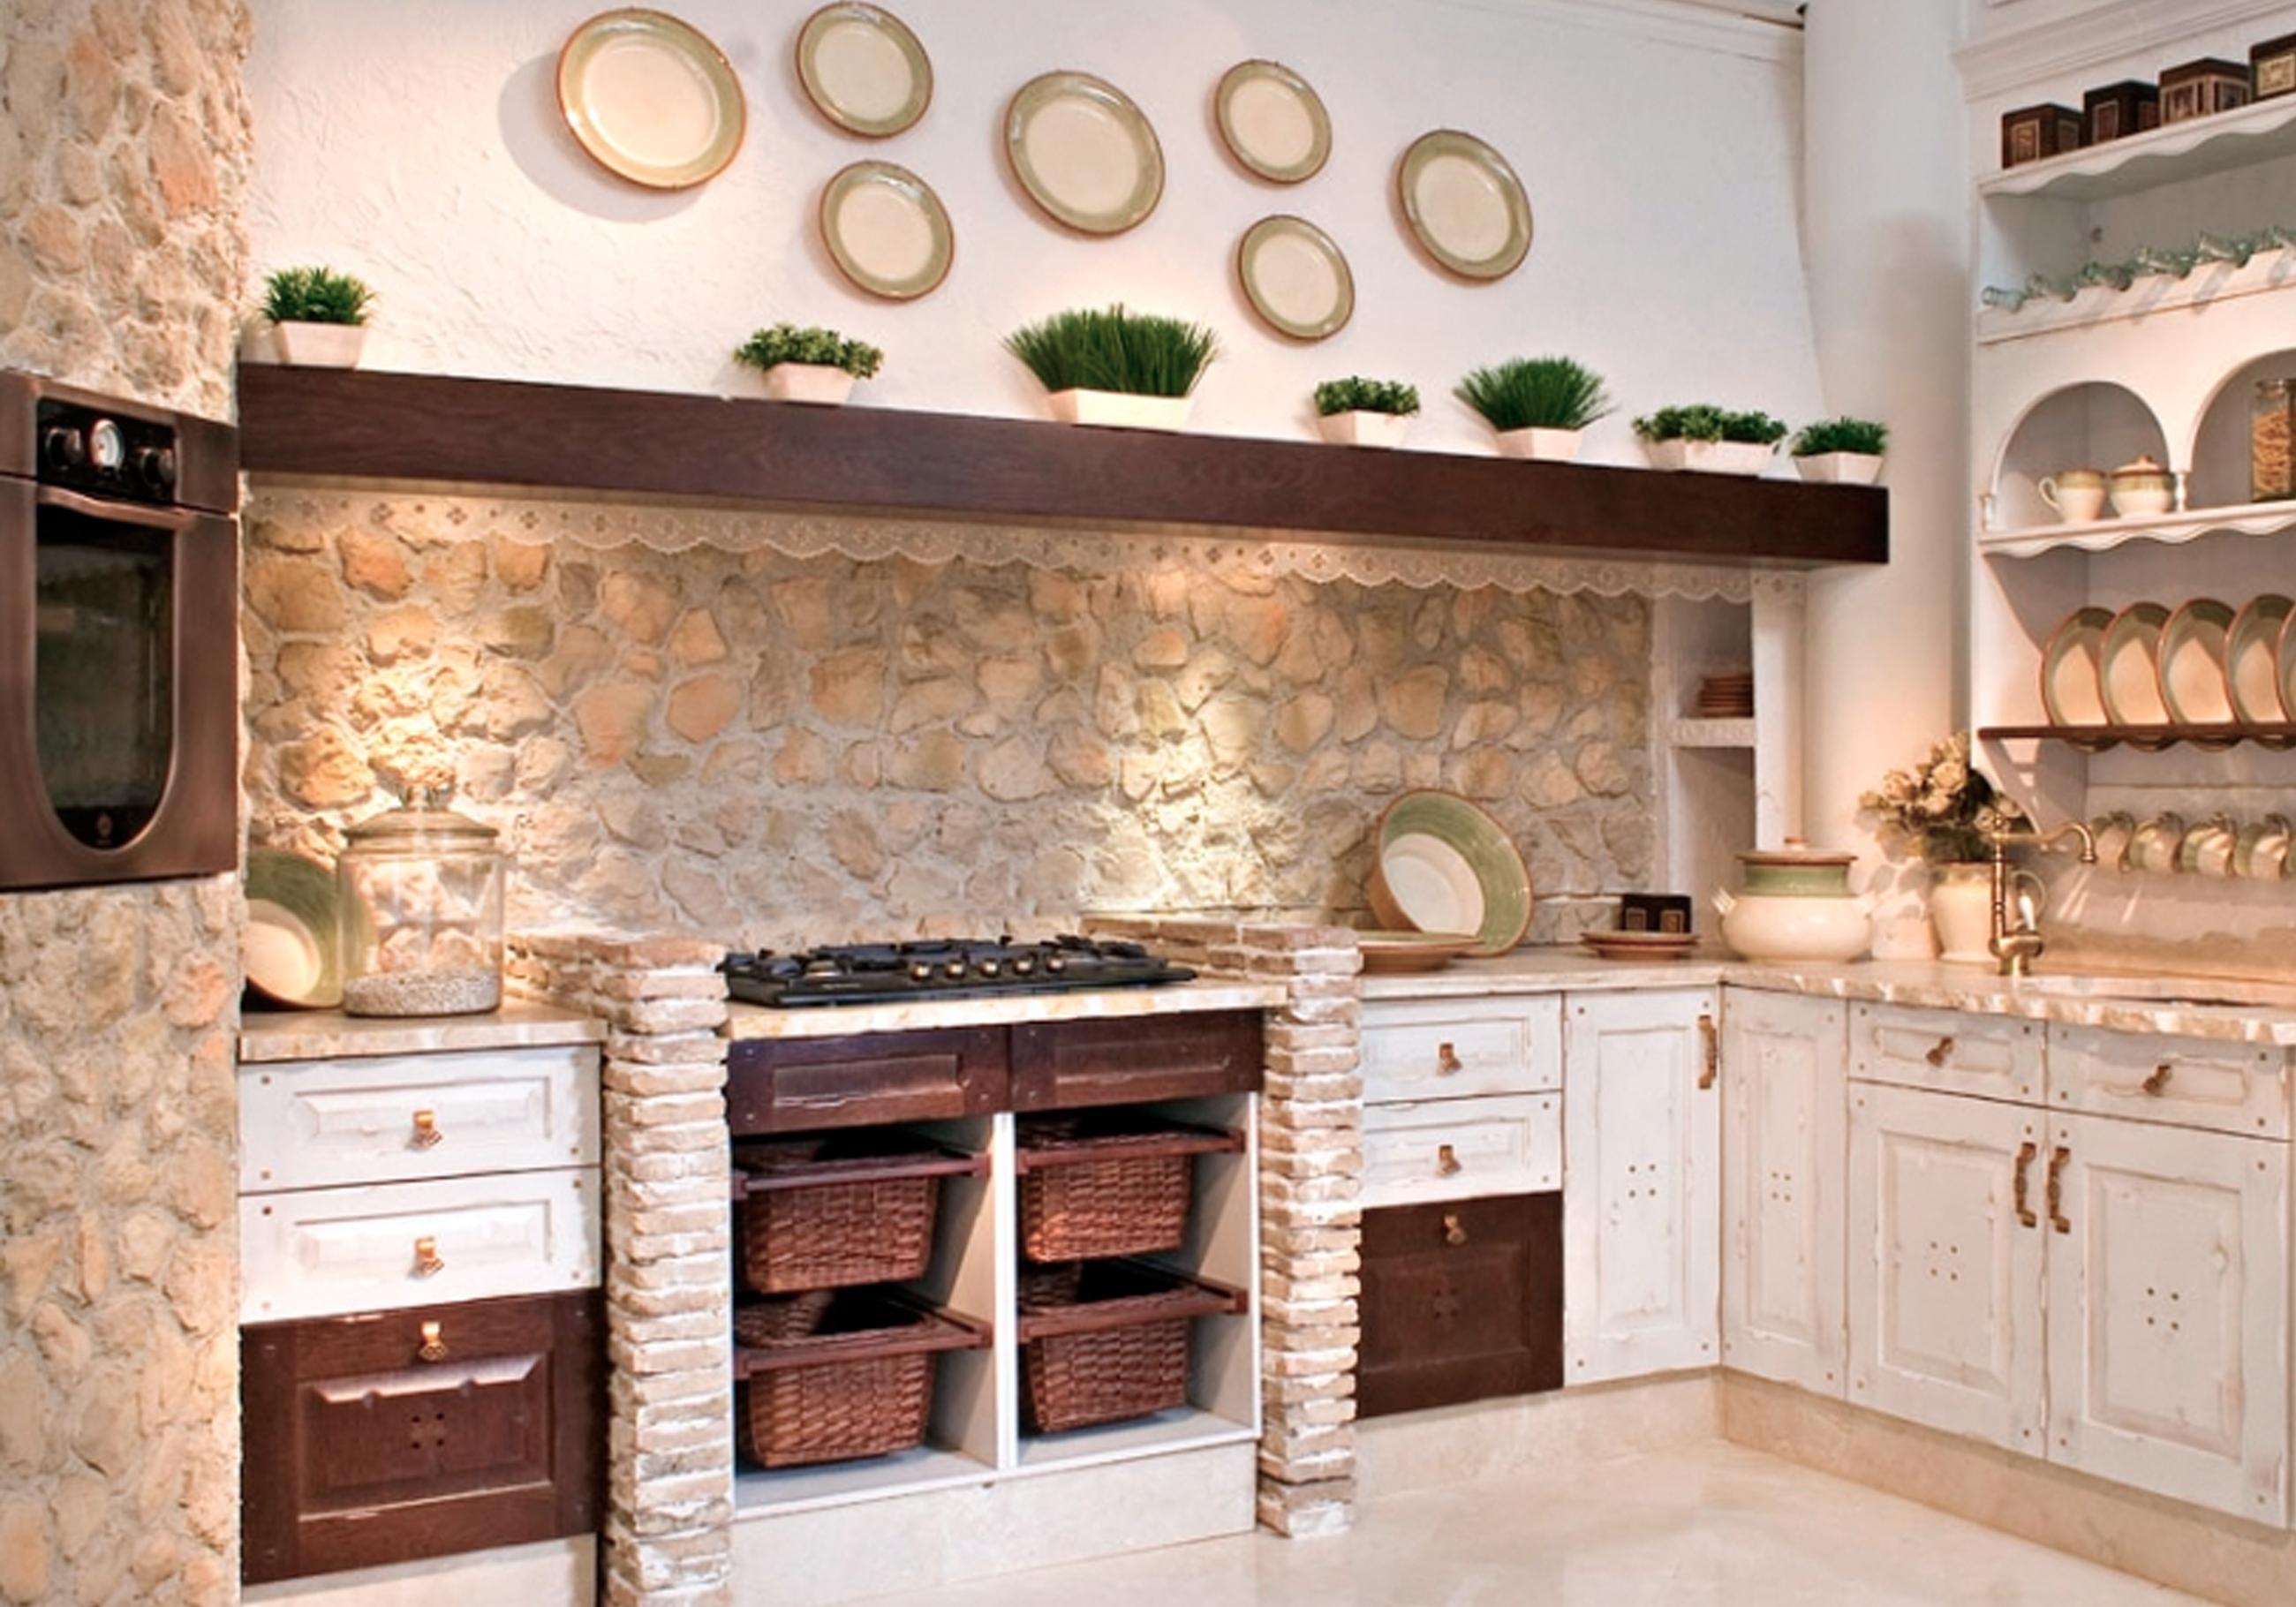 Cocinas r sticas muebles de cocina sevilla cocinas for Muebles cocina rusticos